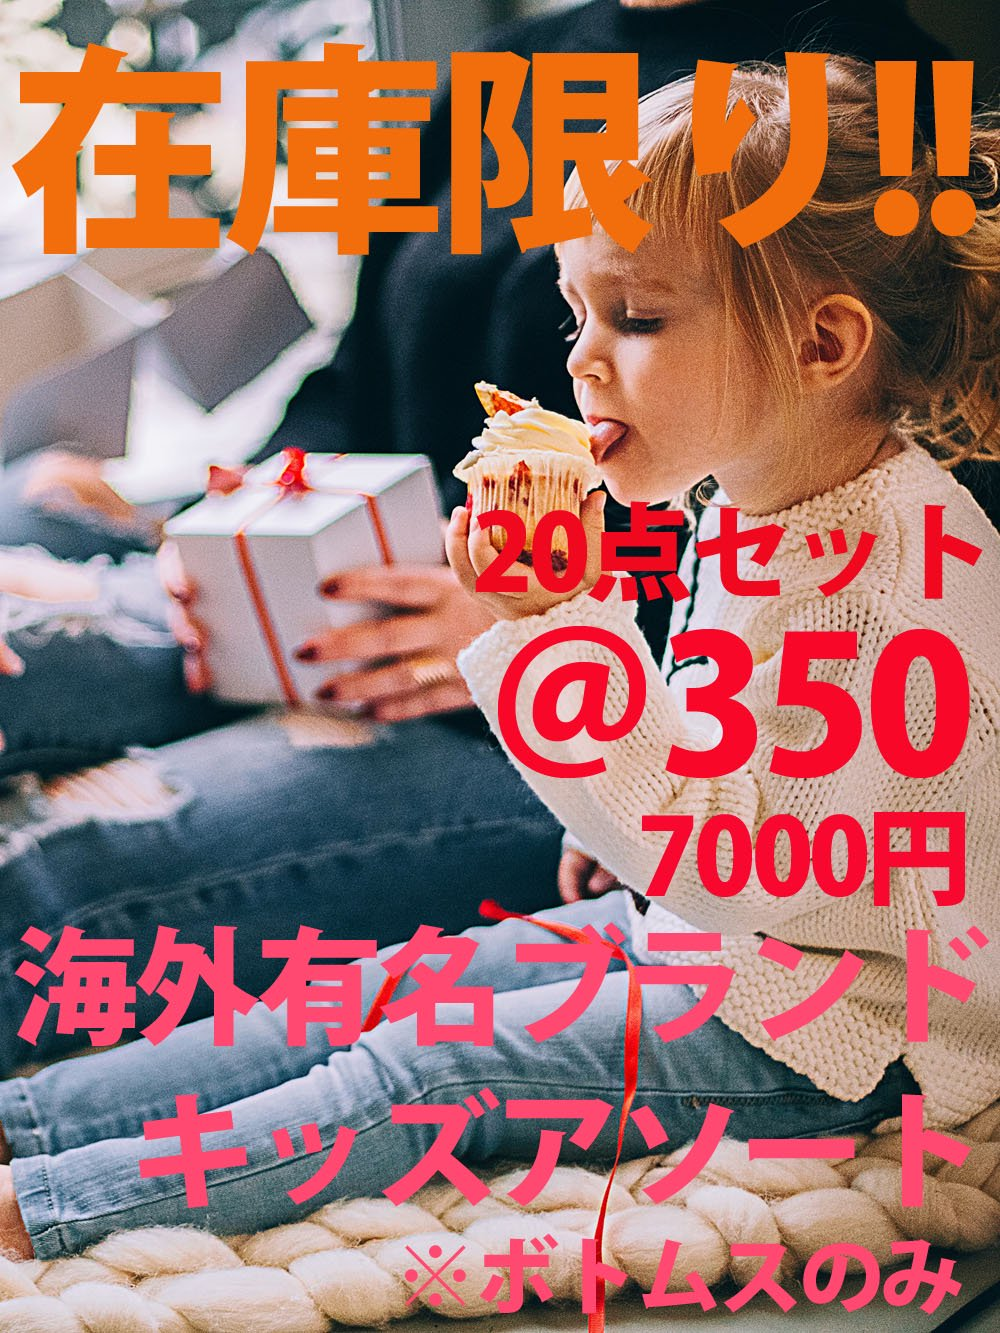 5セットのみ!【ボトムスのみ】海外ブランド☆キッズアソート@350